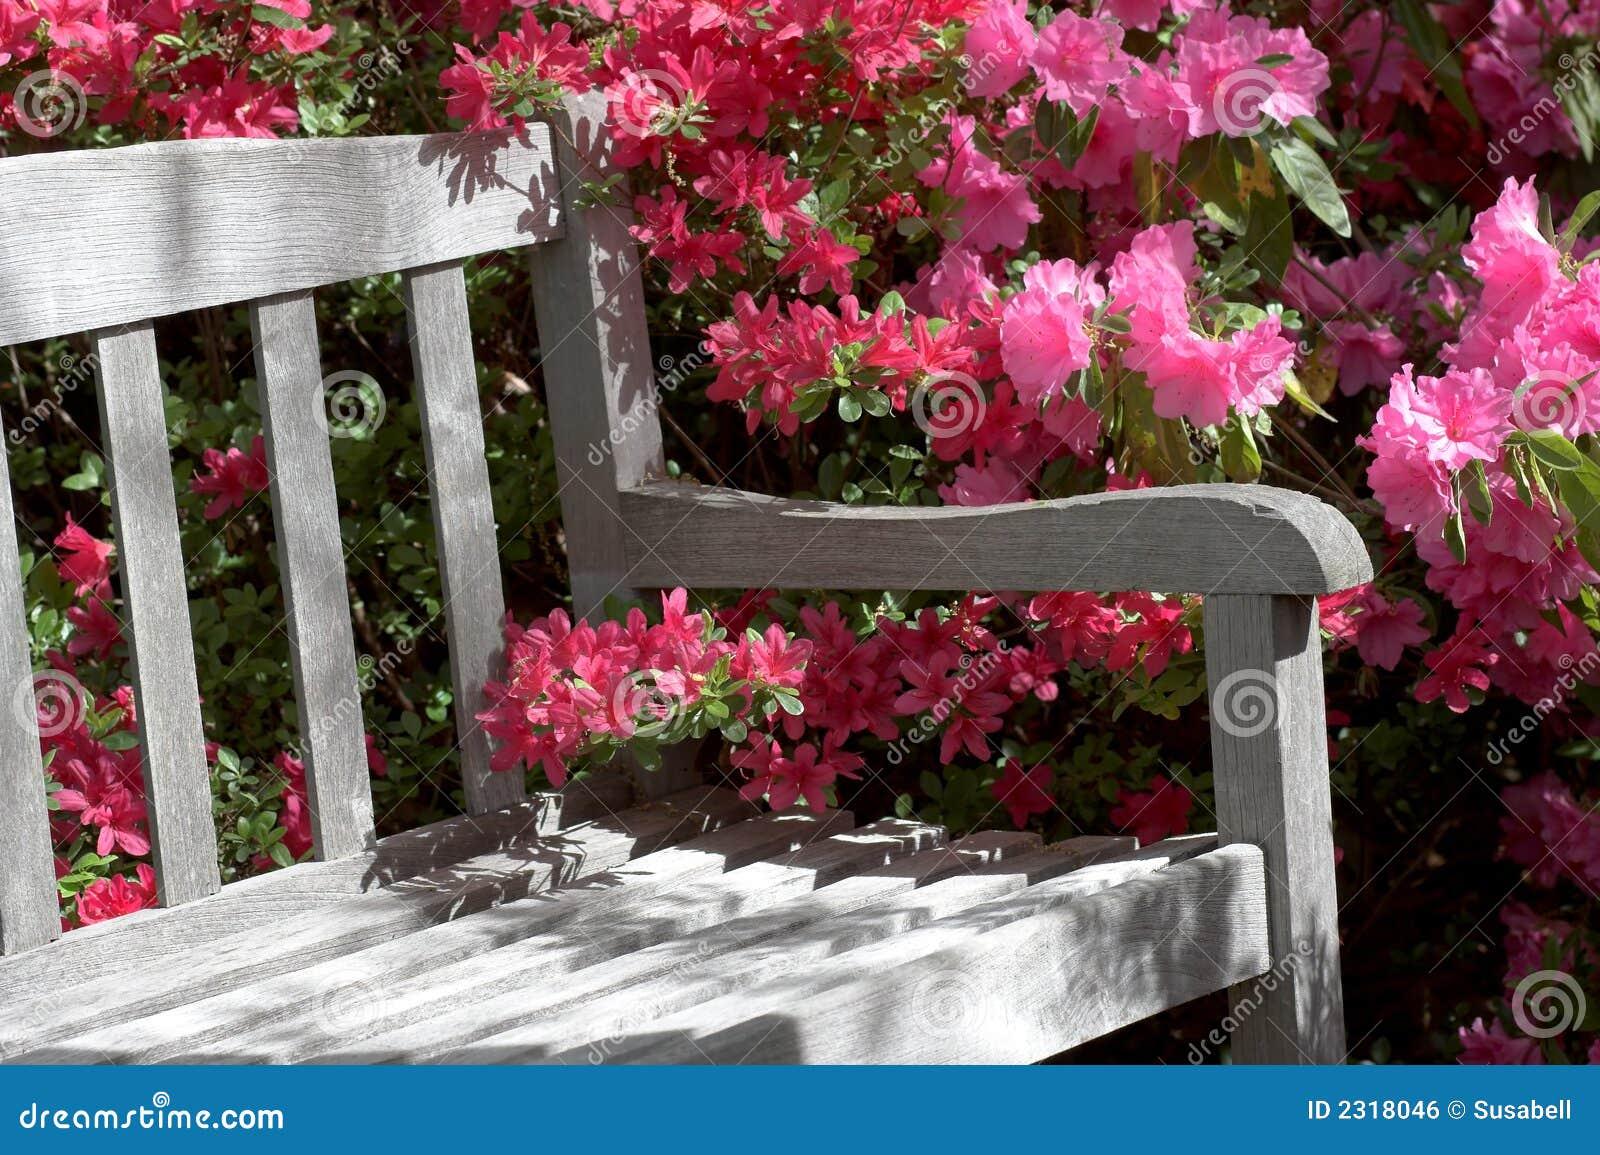 plantas jardim e flores:Banco E Flores Do Jardim Imagem de Stock Royalty Free – Imagem